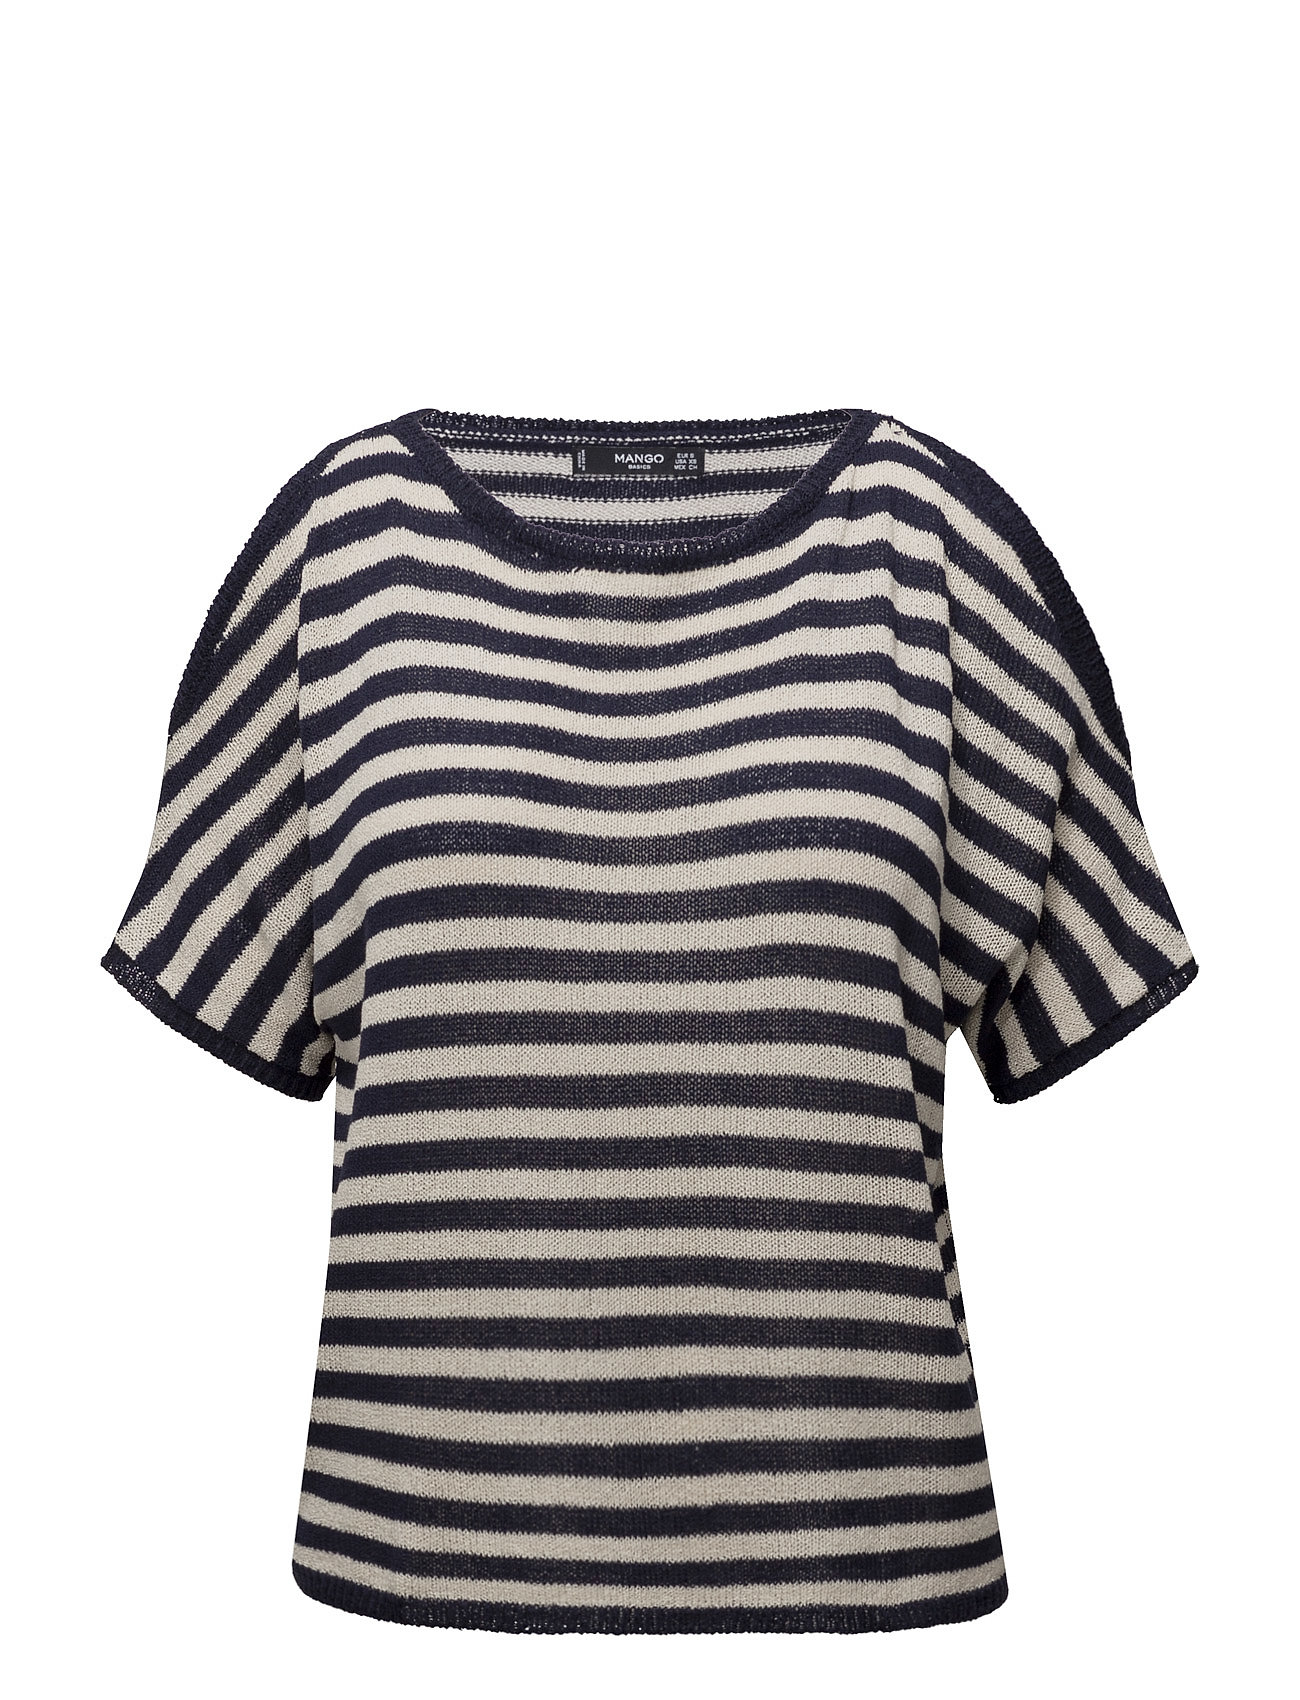 Cut-Out Knitted Sweater Mango Kortærmede til Damer i Navy blå